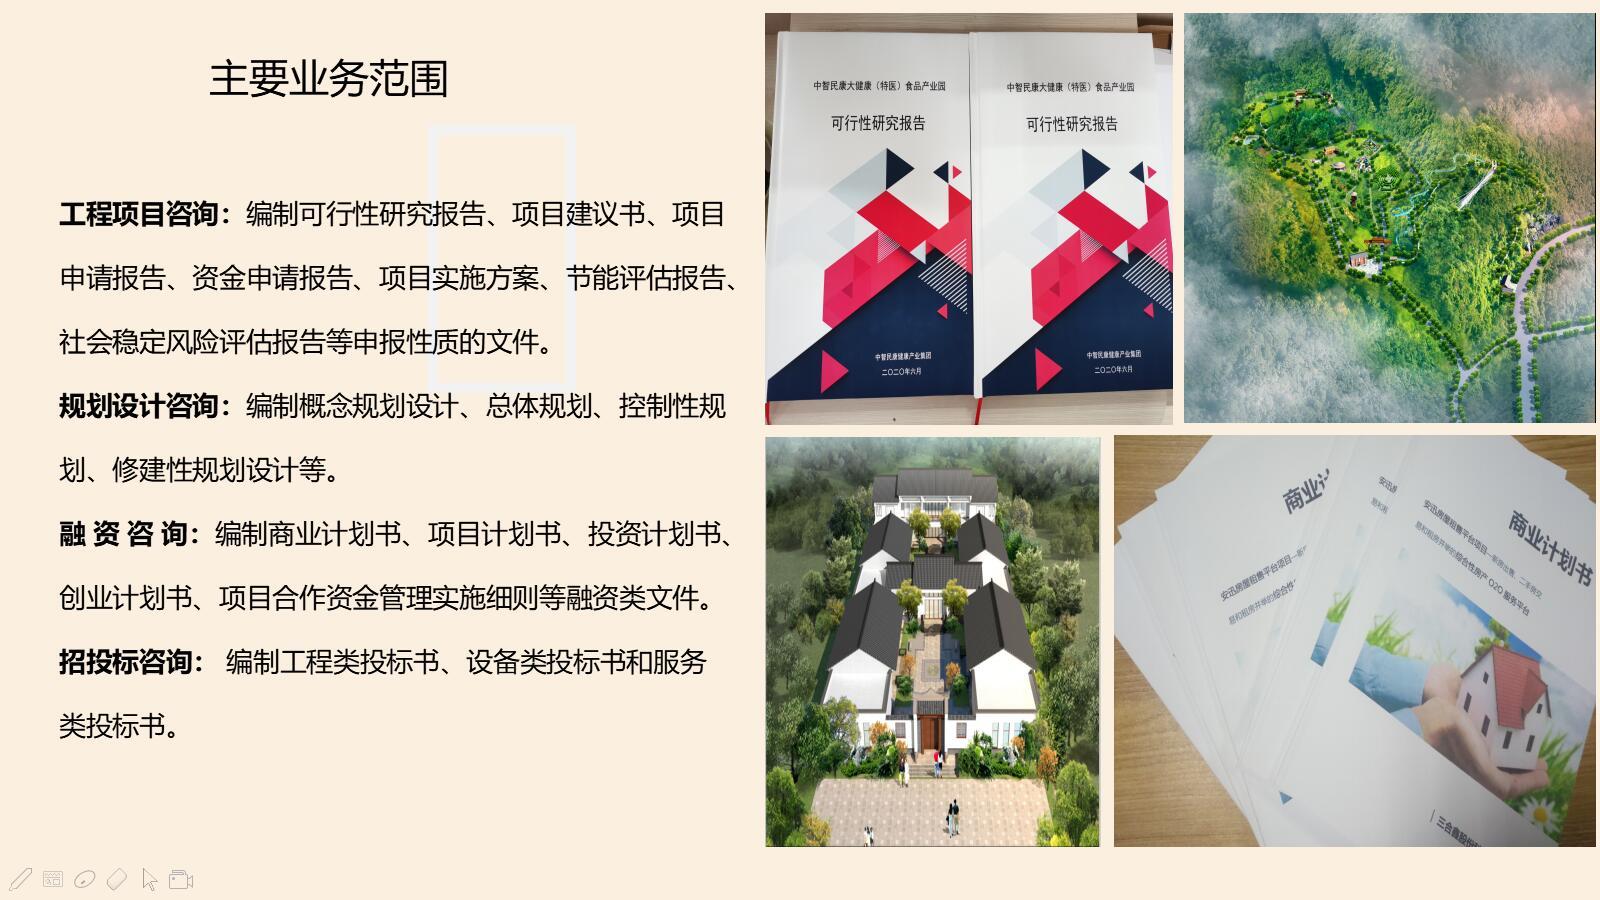 阿克苏写节能评估报告公司2021范本